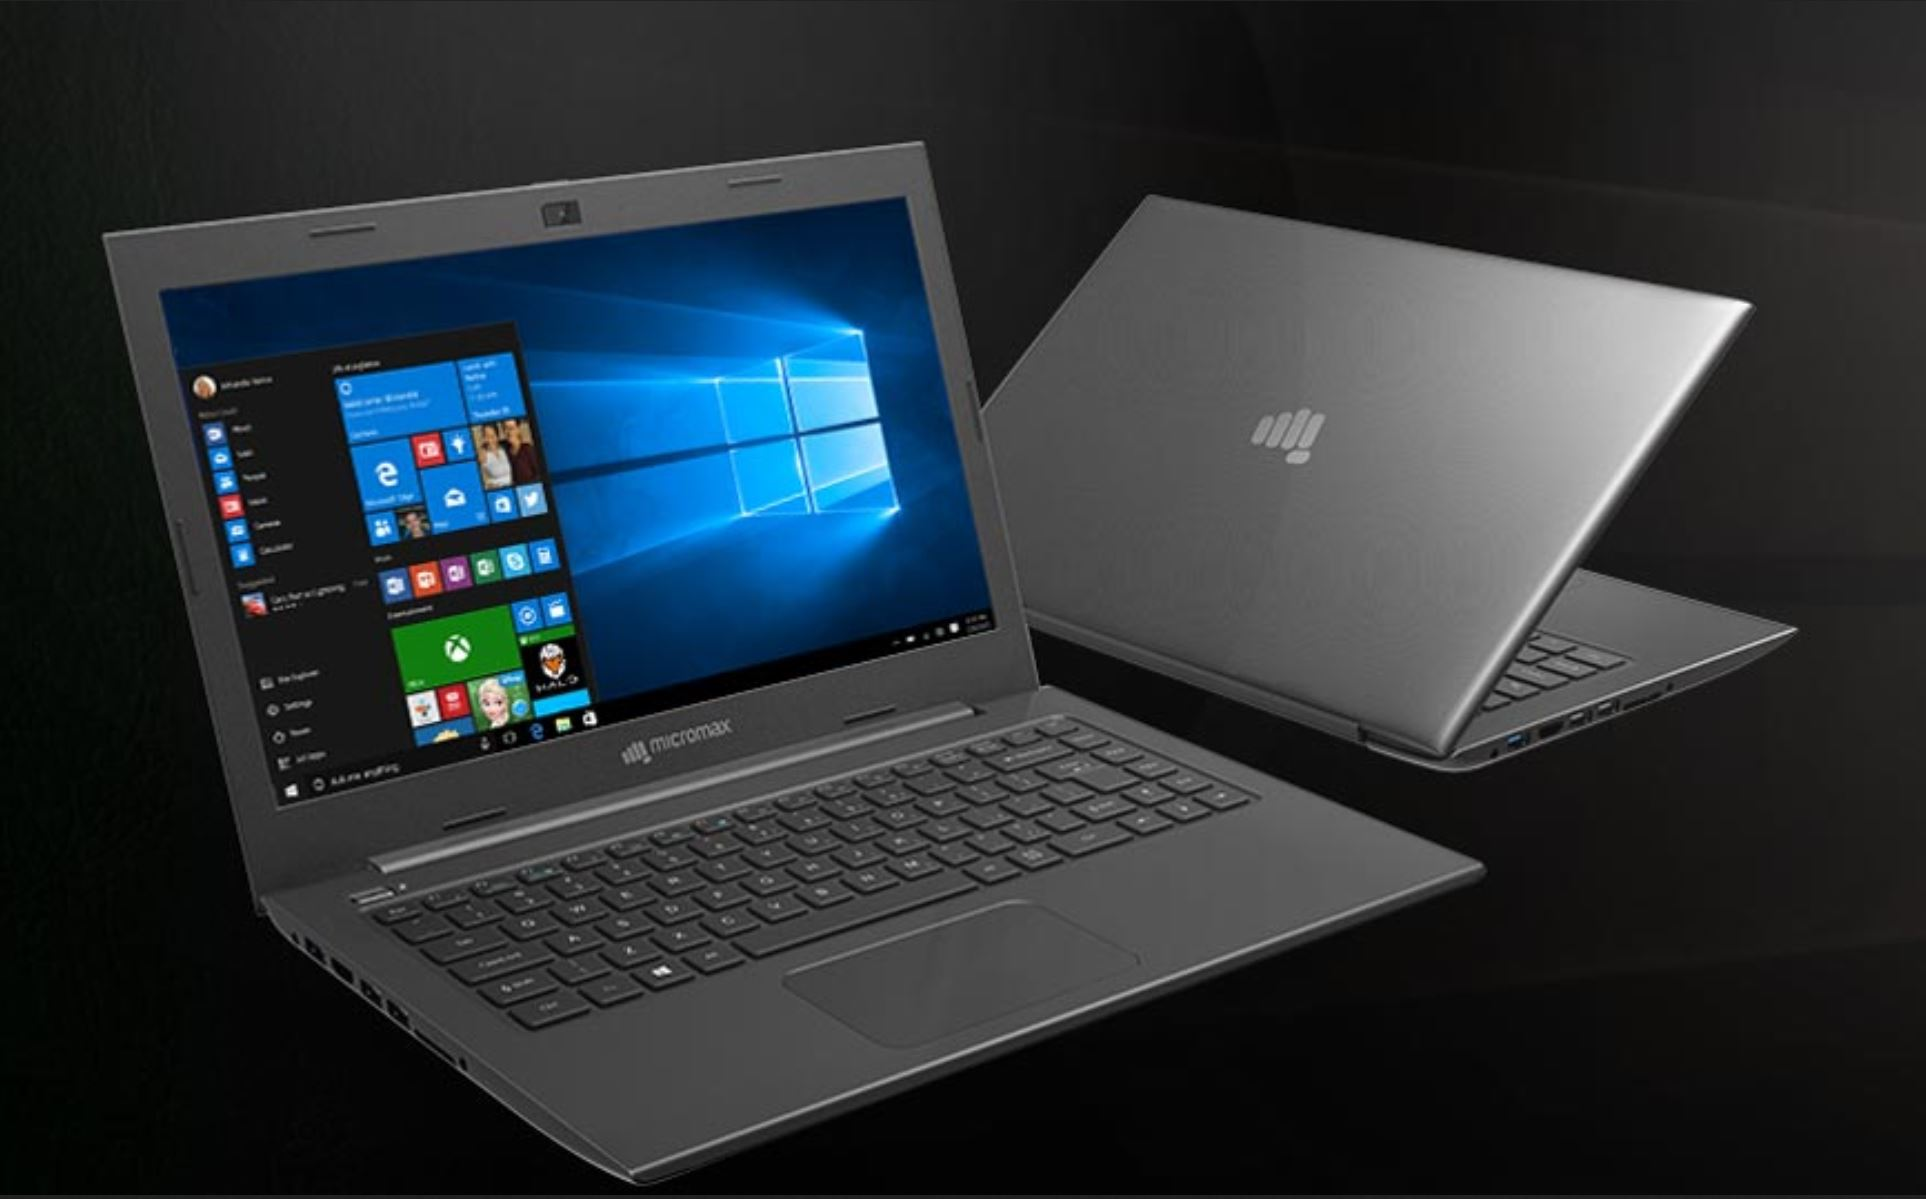 Micromax Neo laptop